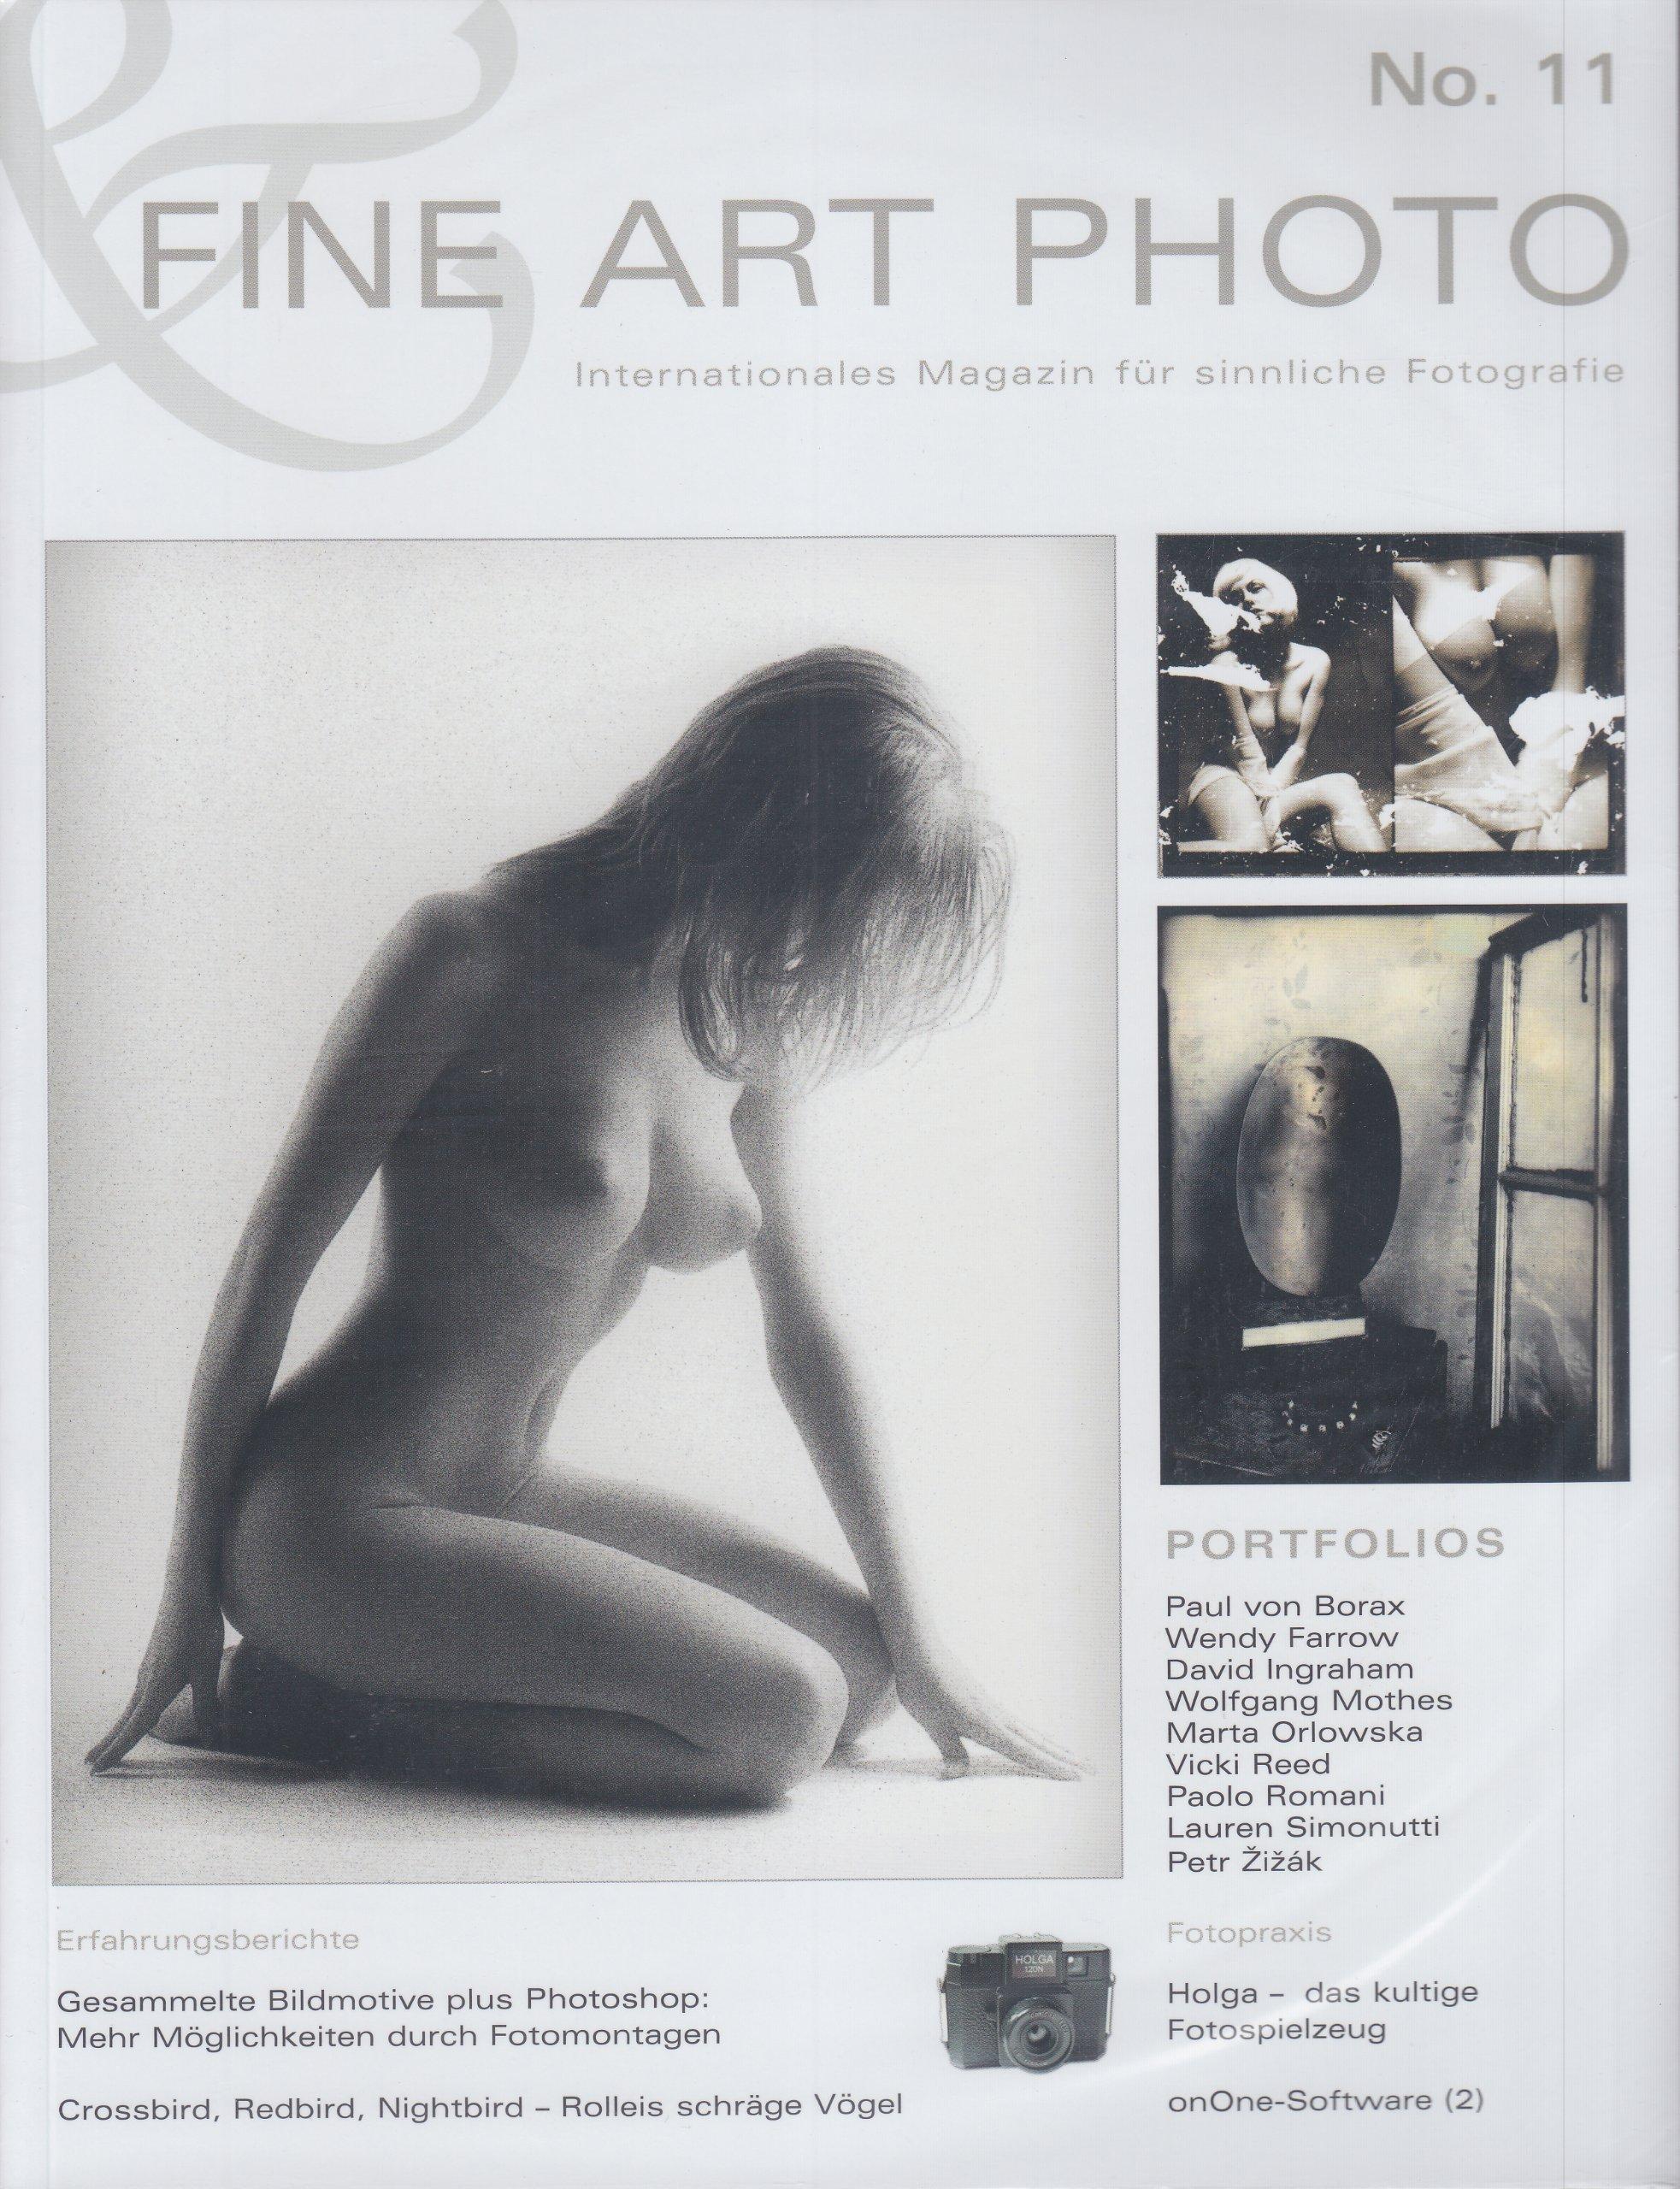 FINE ART PHOTO Nr. 11: Internationales Magazin für sinnliche Fotografie